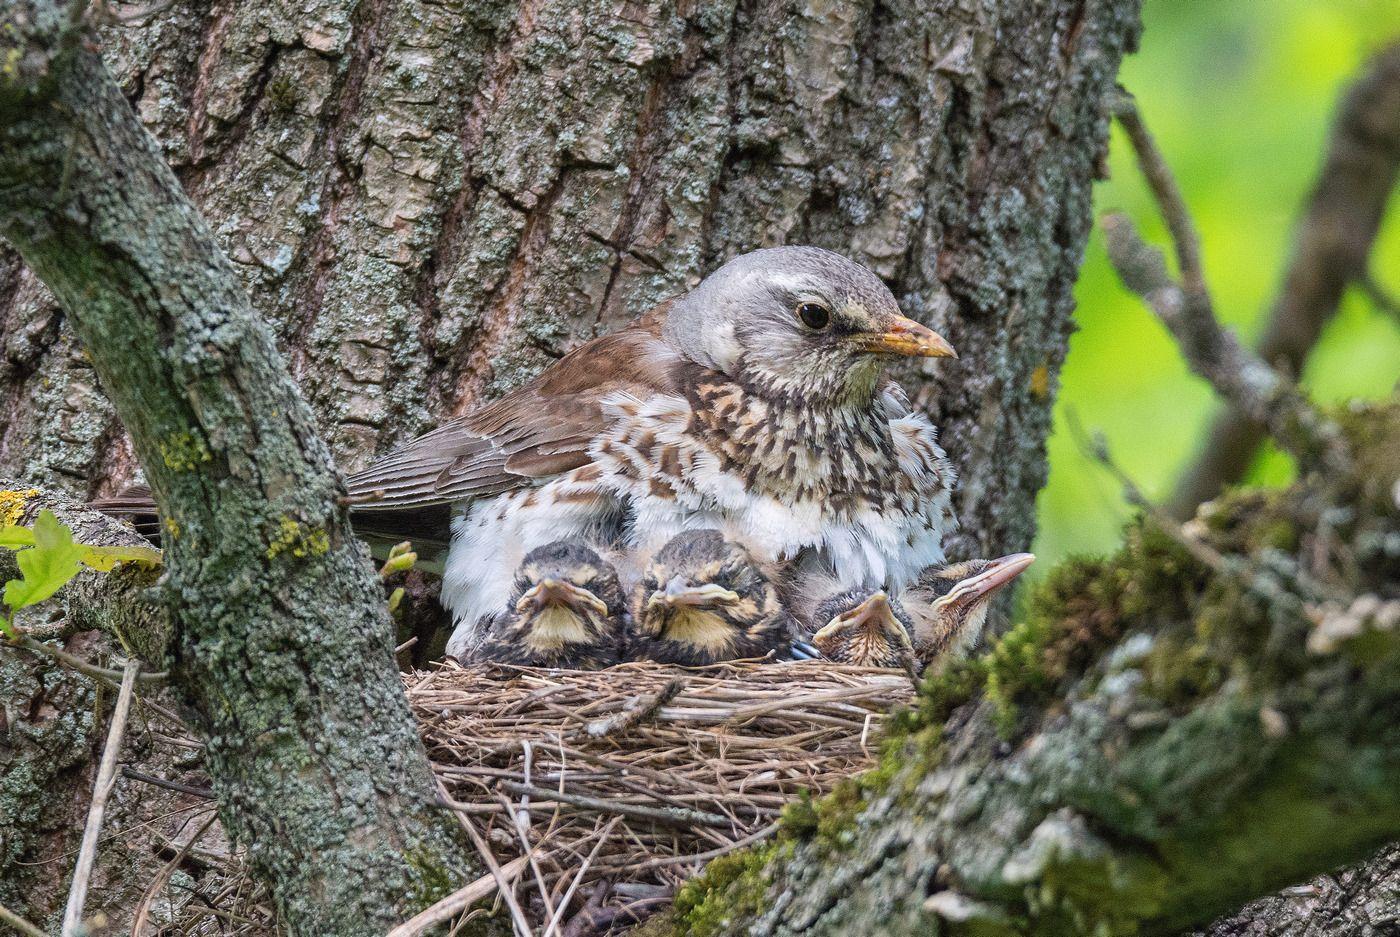 птица дрозд весна, Сигушин Руслан